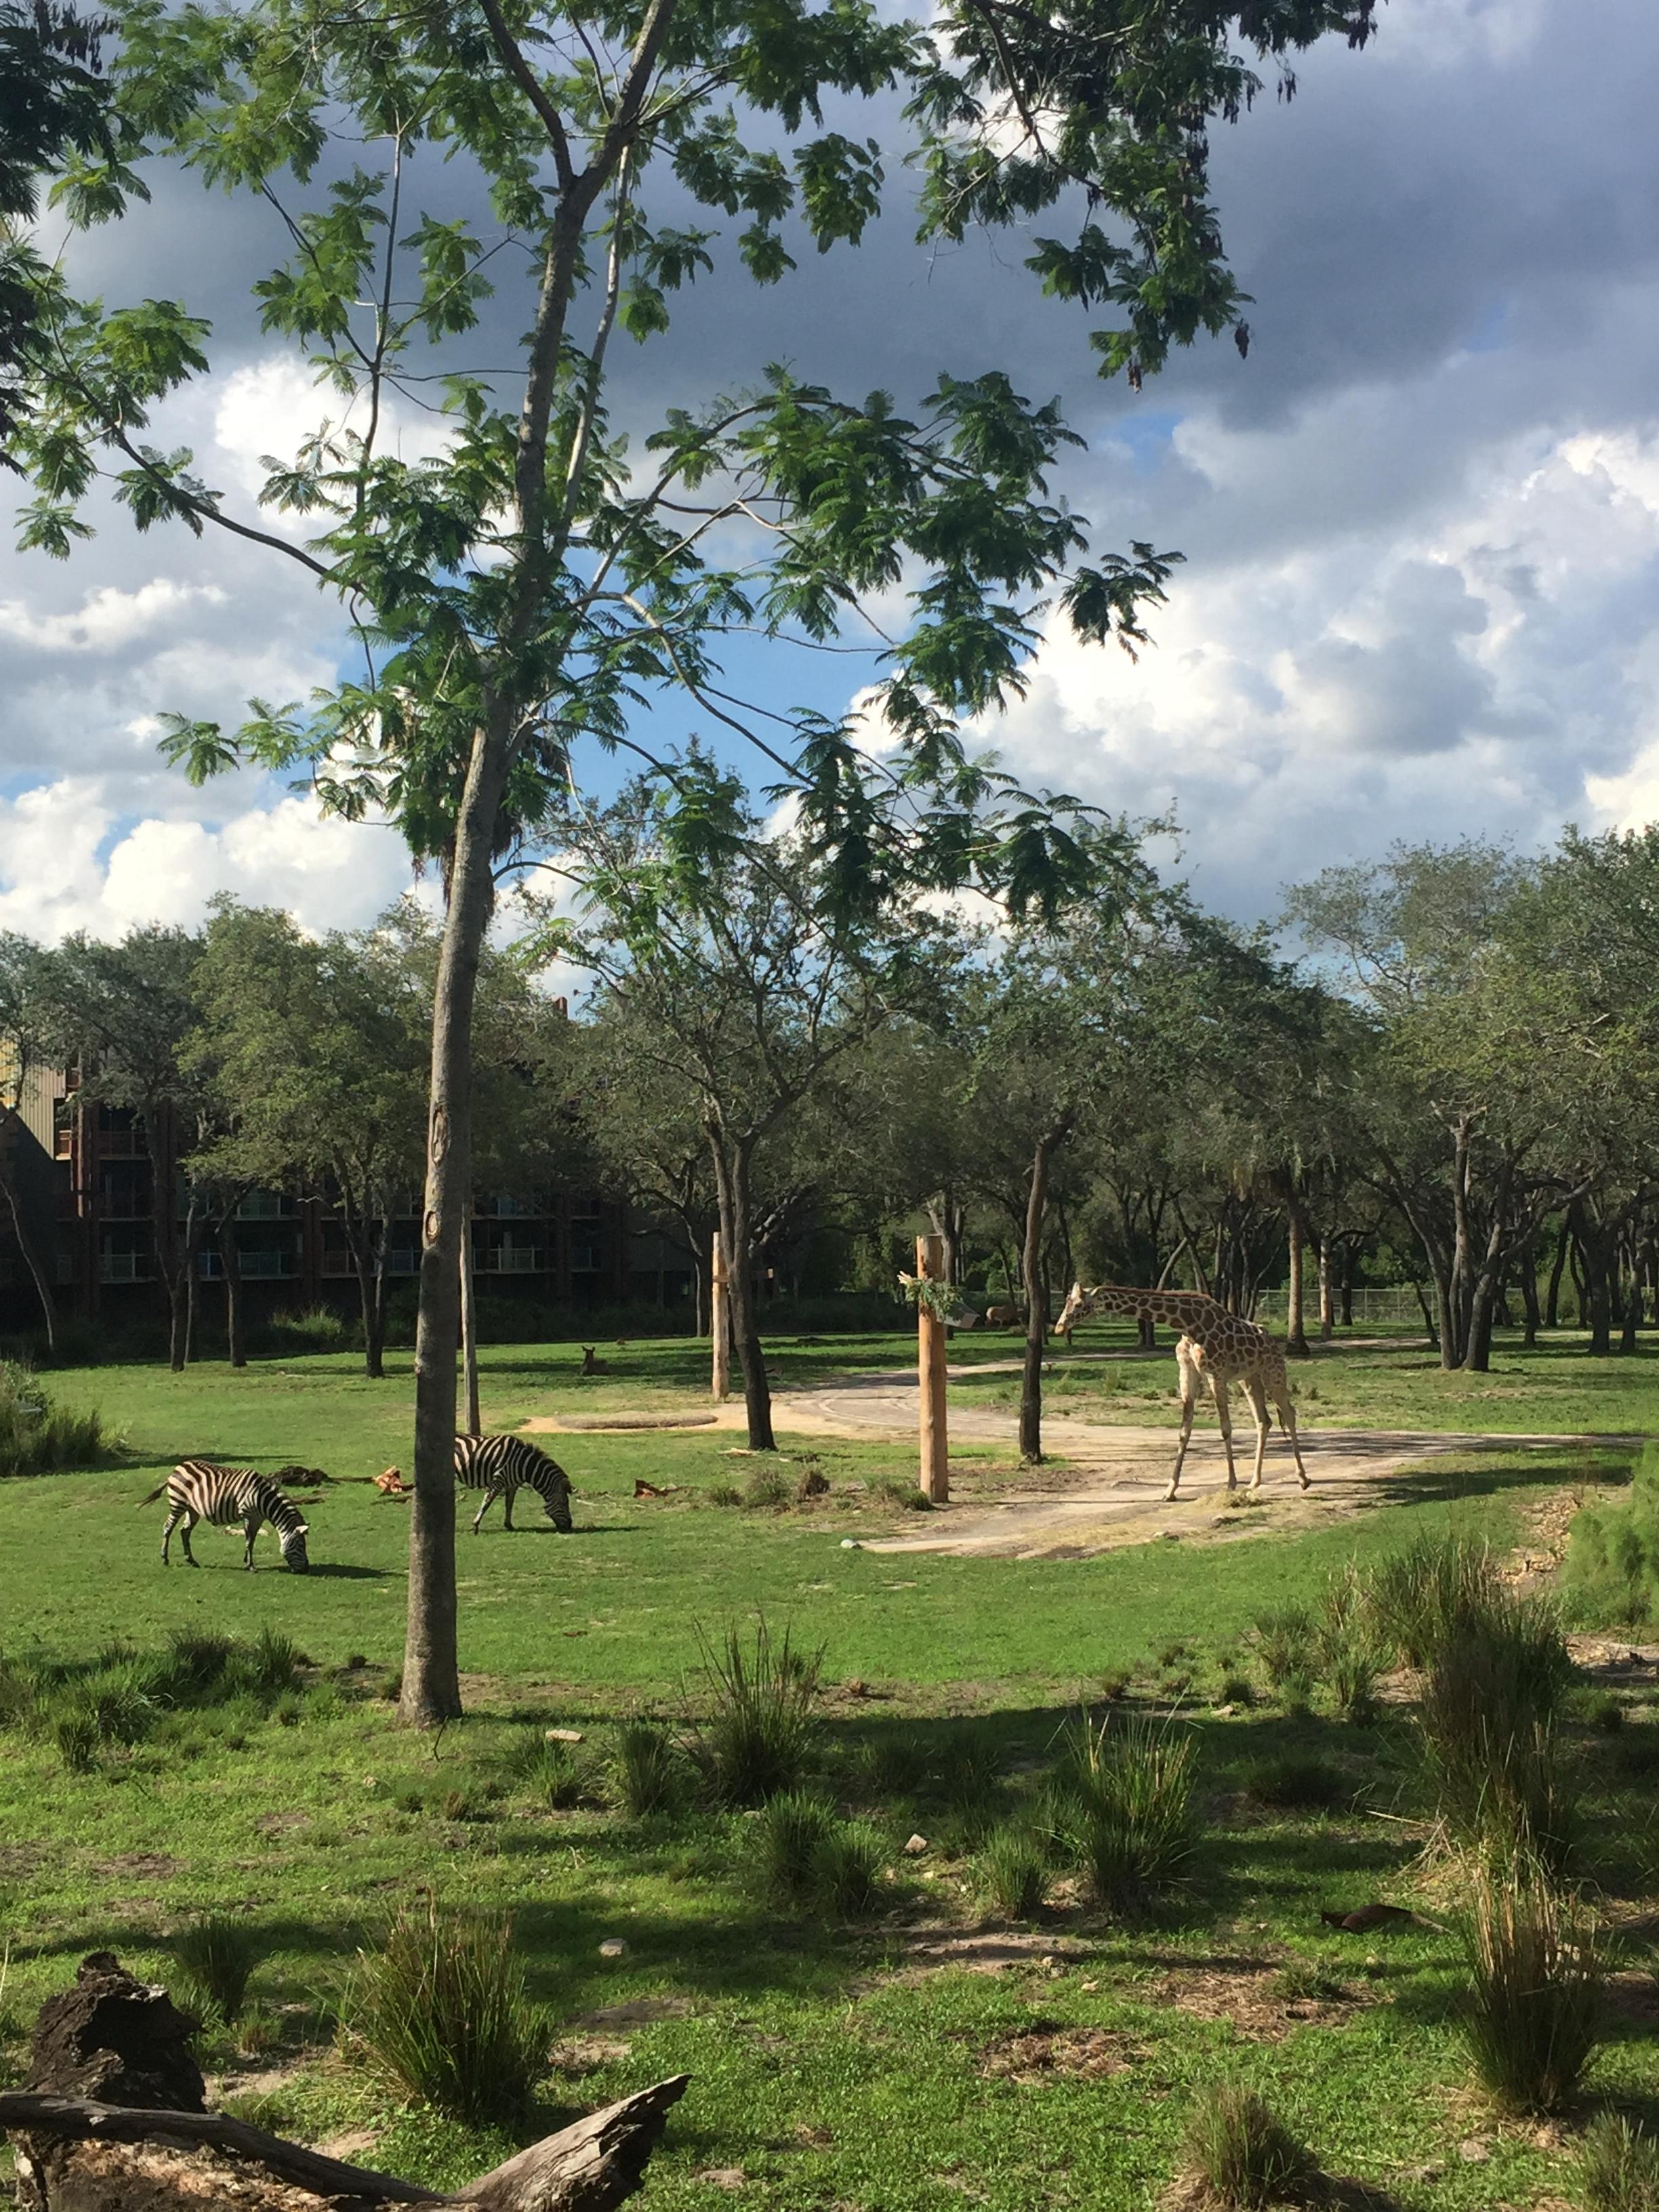 Animals grazing in the Savanna